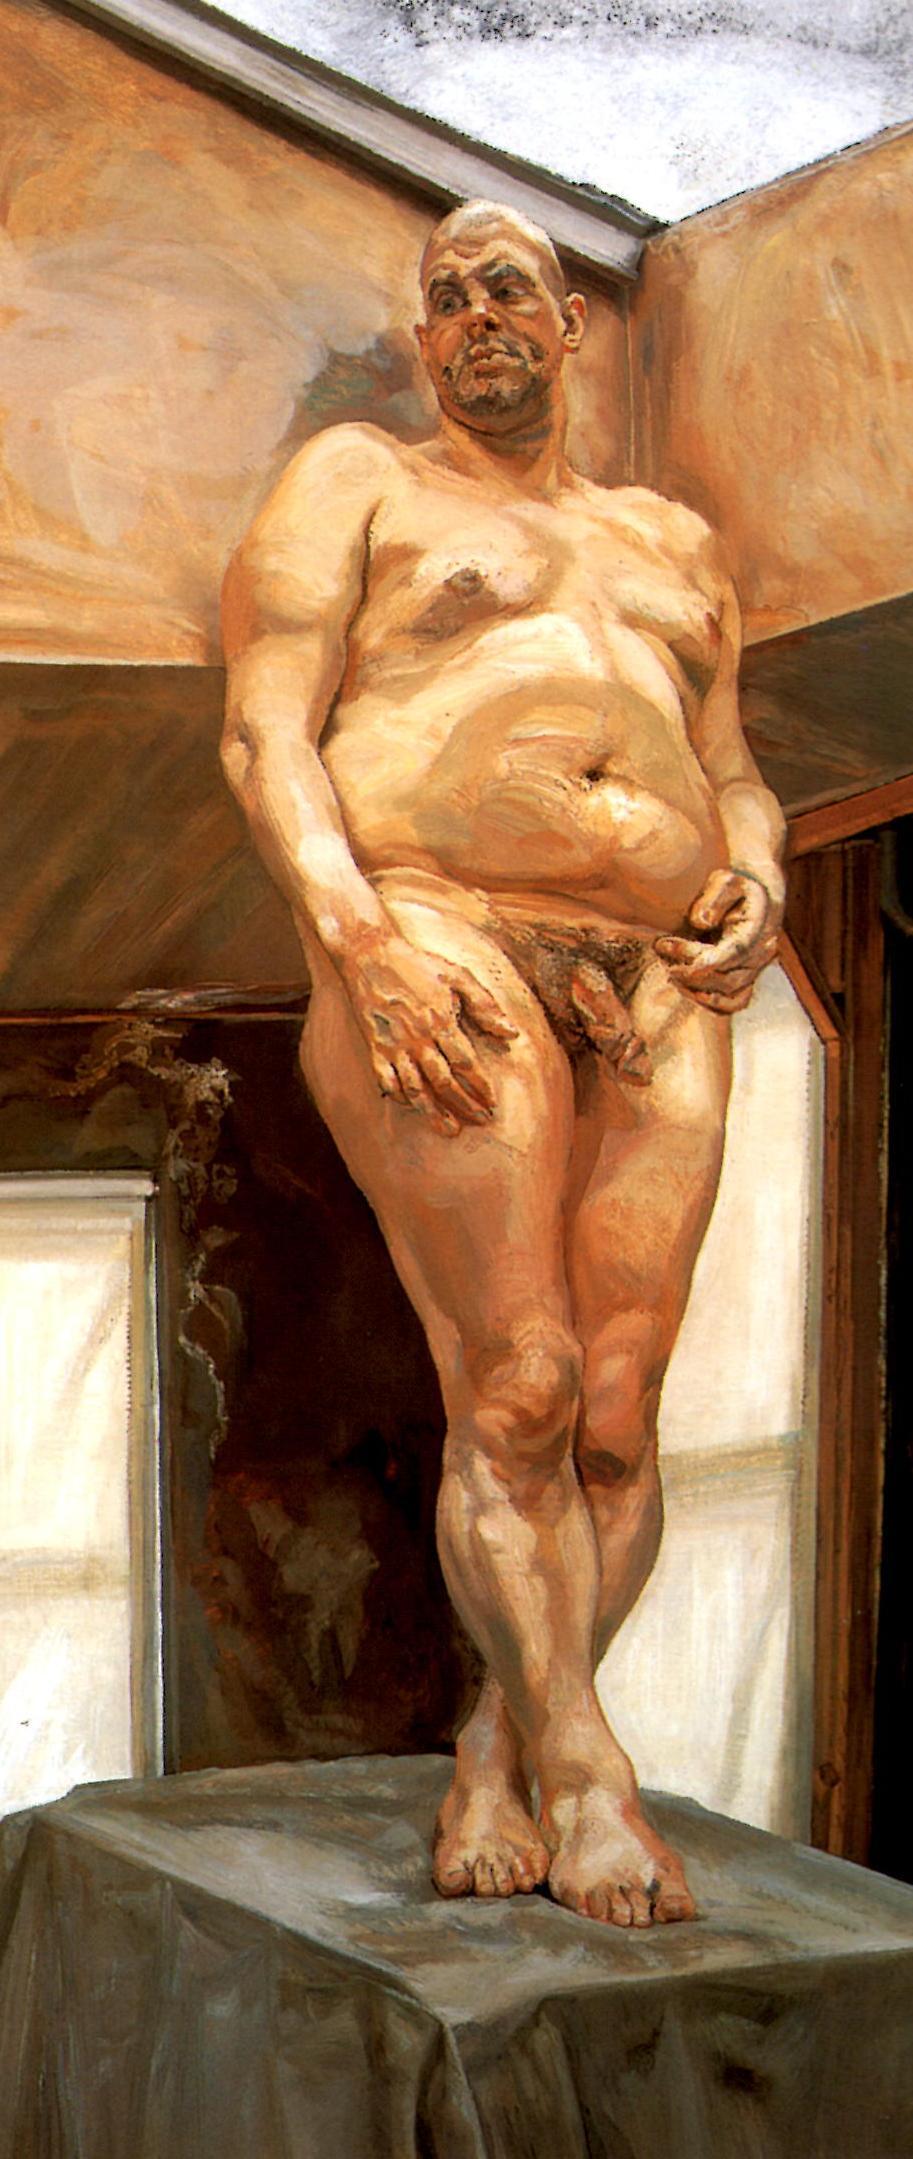 Leigh under skylight, oil on canvas, Lucian Freud, 1994